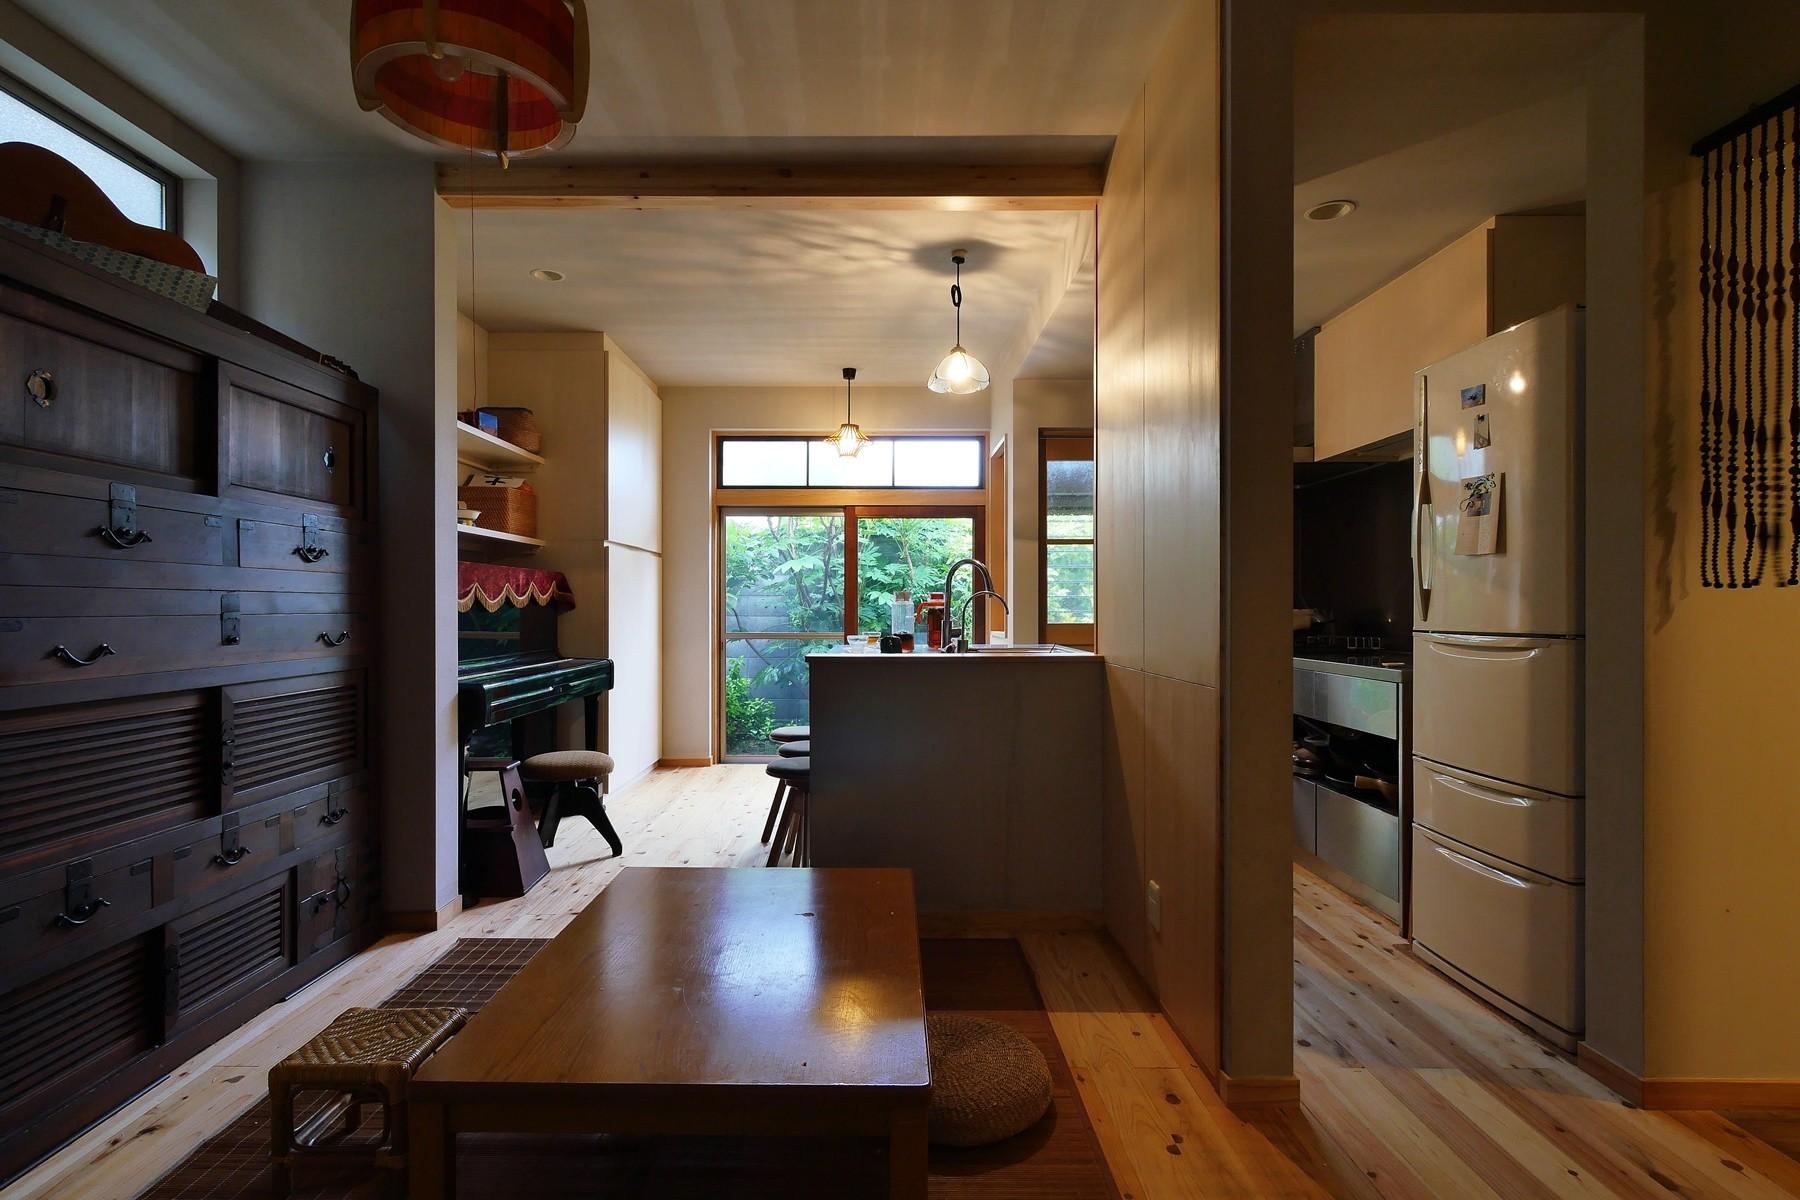 キッチン事例:古さと共存するおもてなしキッチン(昭和ガラスの家)